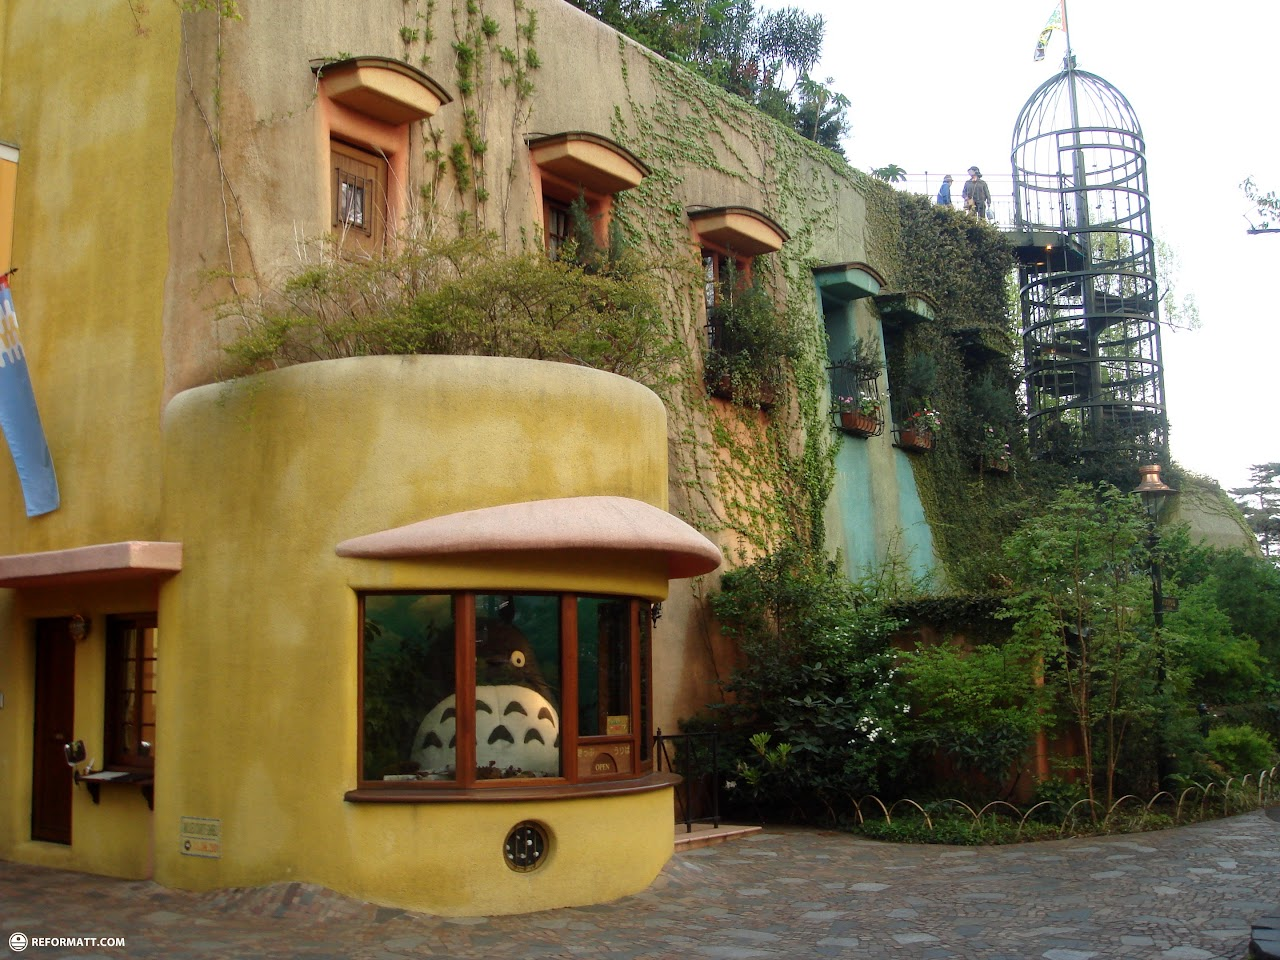 Studio Ghibli  My Media Blog (Kelsey R)